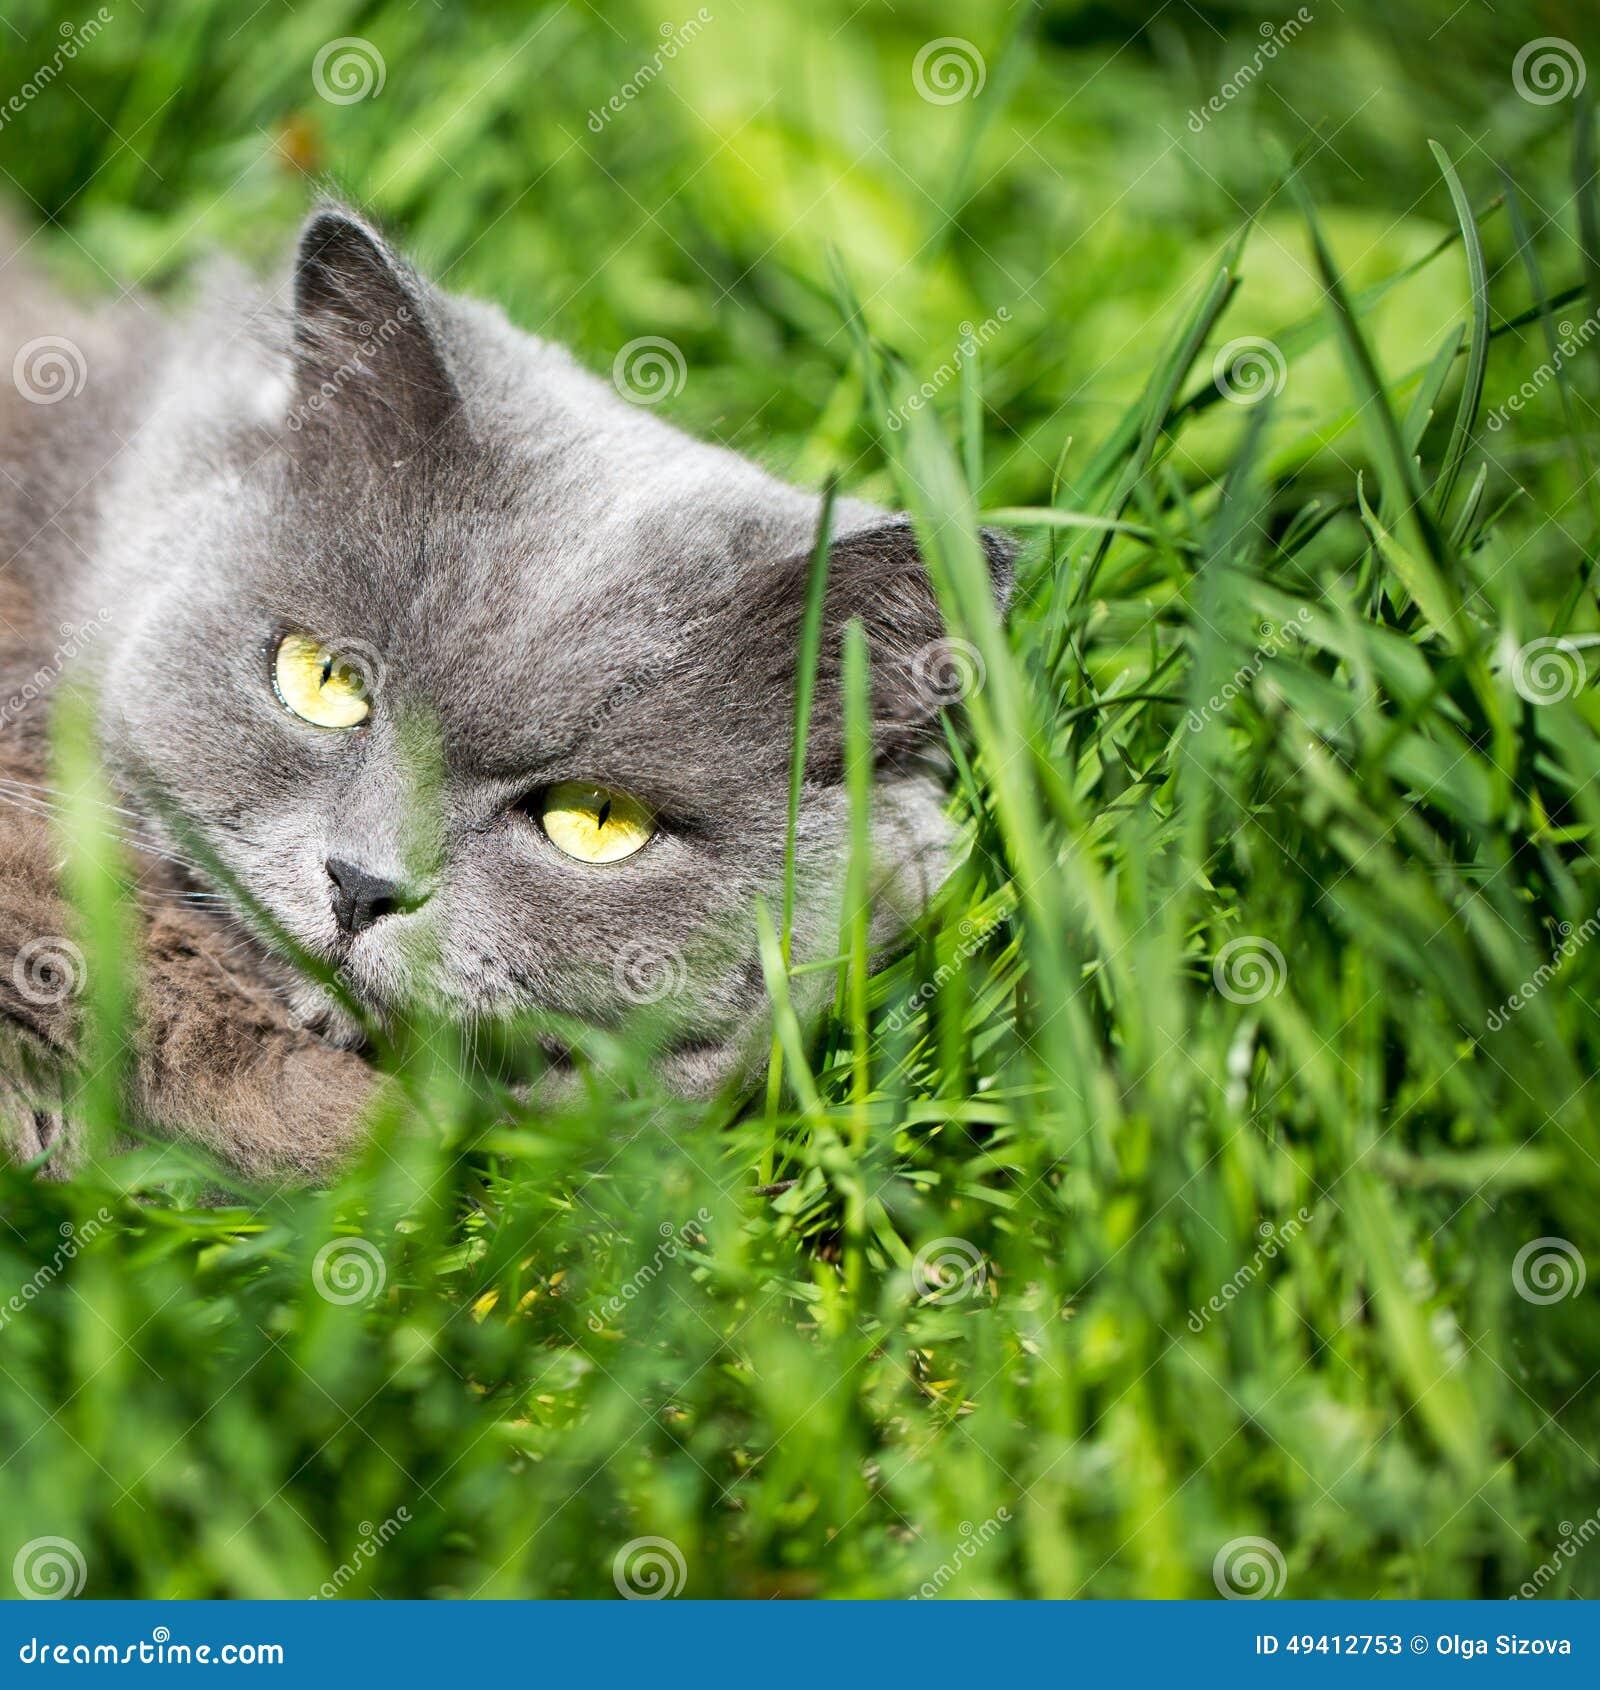 Download Die Katze auf einem Gras stockbild. Bild von jäger, hintergrund - 49412753